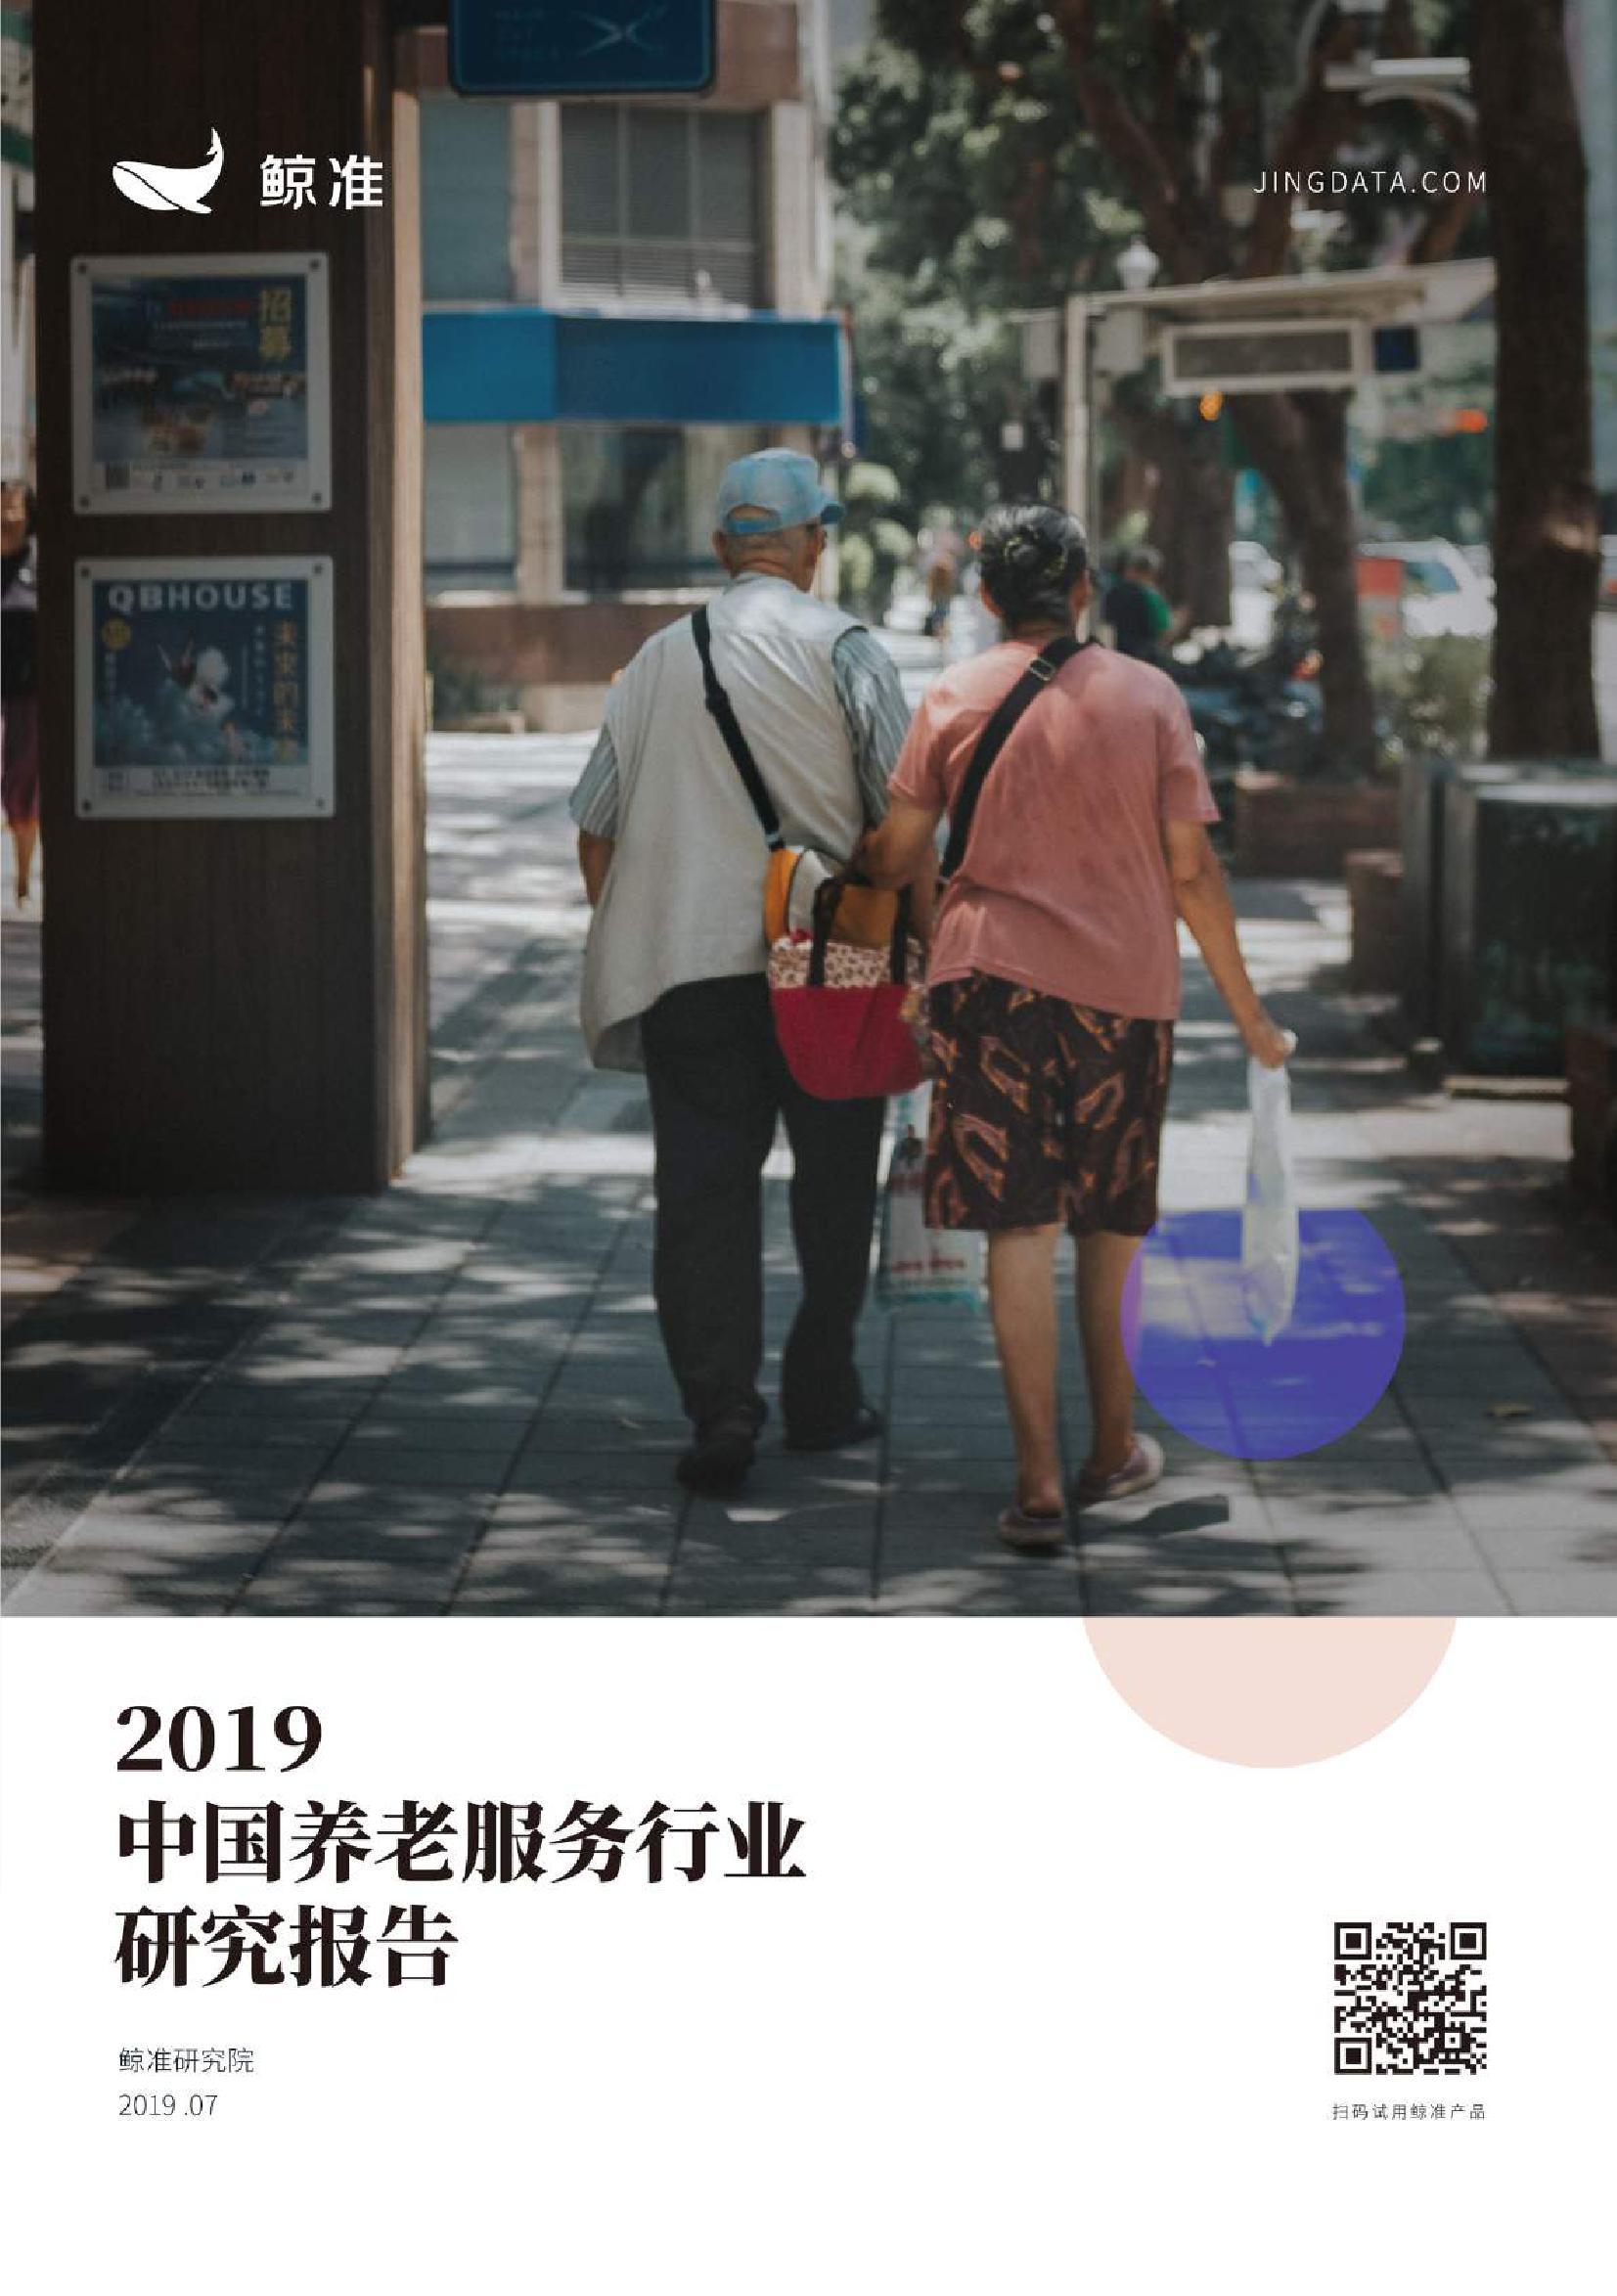 鲸准研究院:2019中国养老服务行业研究报告(附下载)